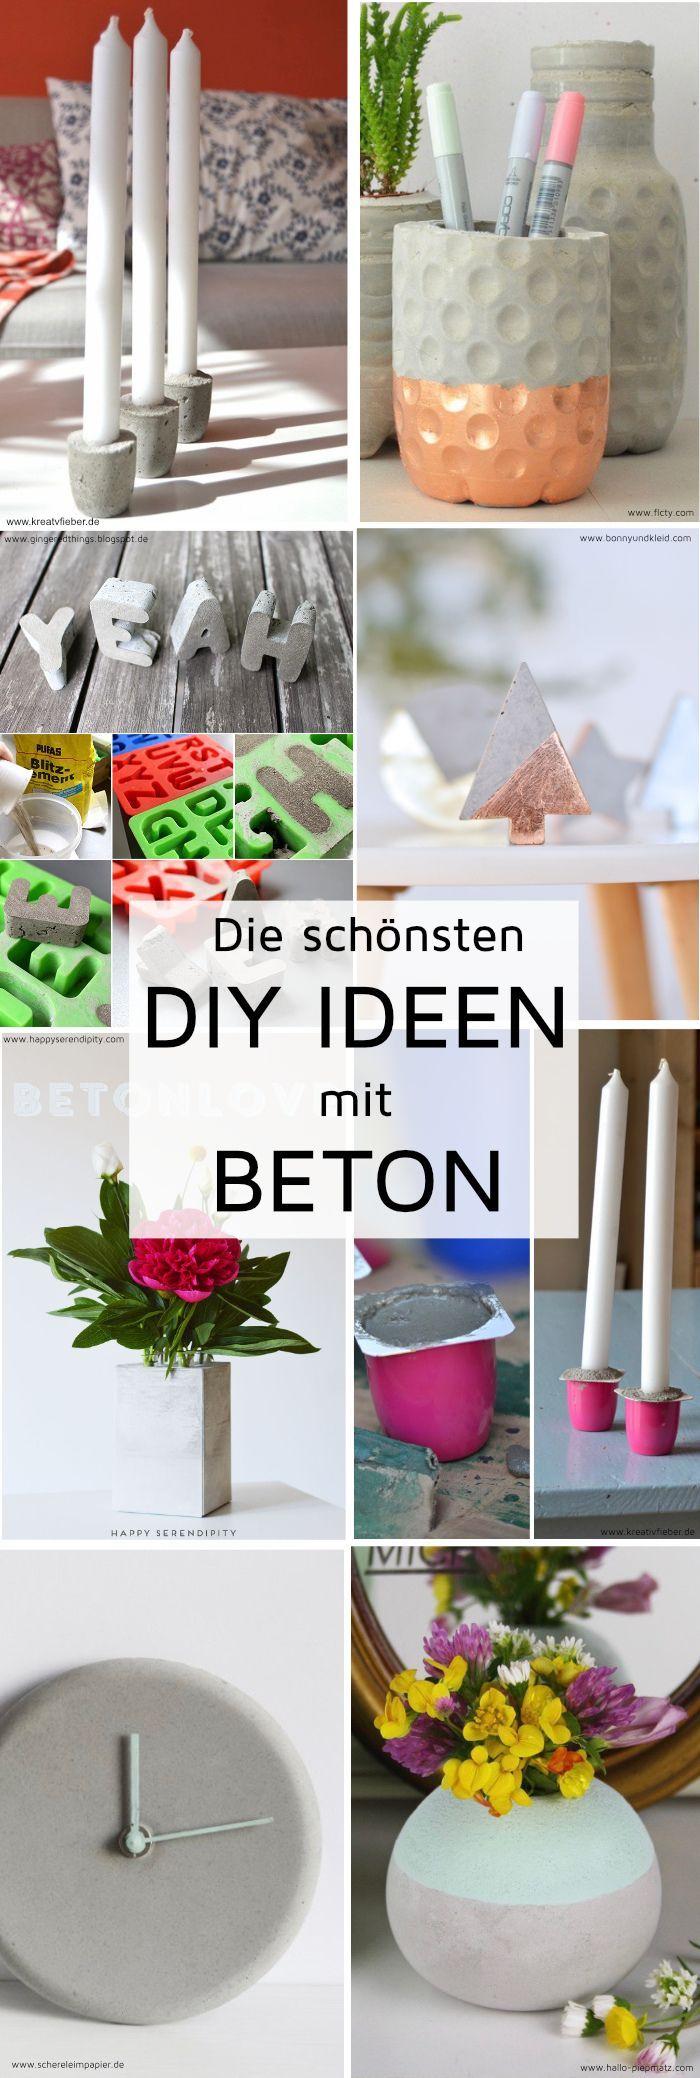 die sch nsten diy ideen mit beton deko geschenke und interieur aus beton basteln mehr dazu. Black Bedroom Furniture Sets. Home Design Ideas